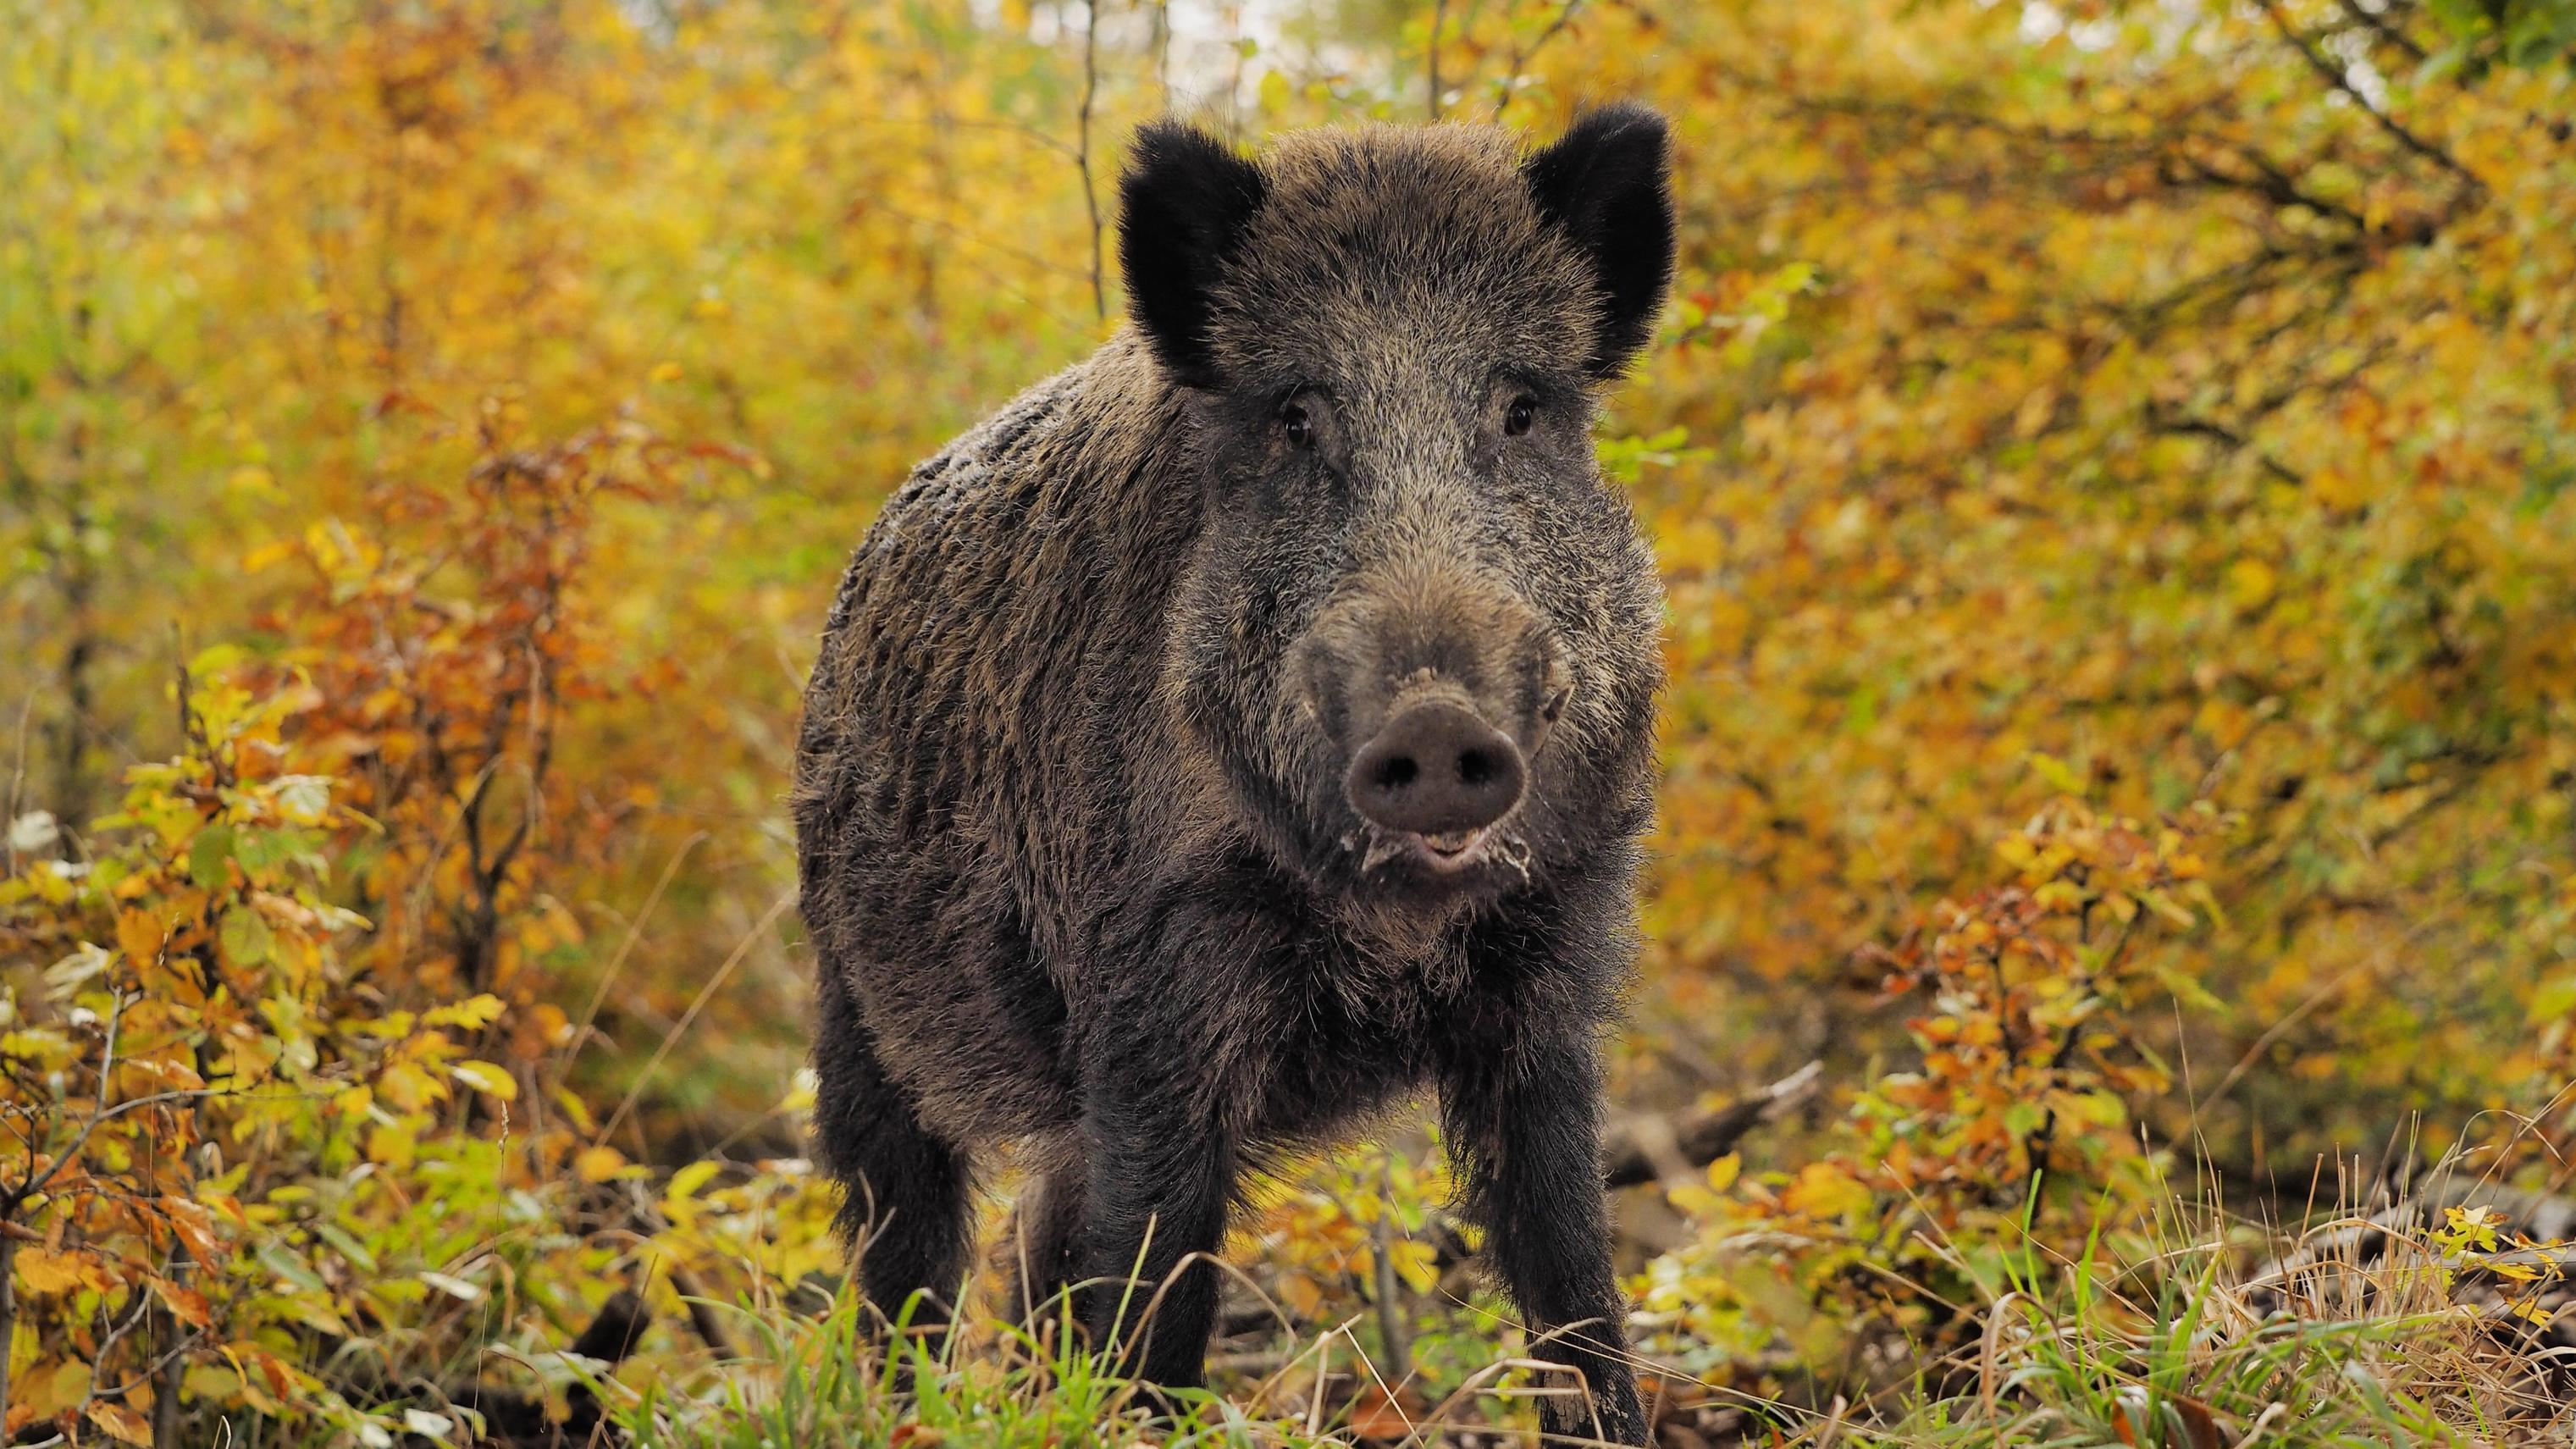 Wildschwein Angriff Statistik